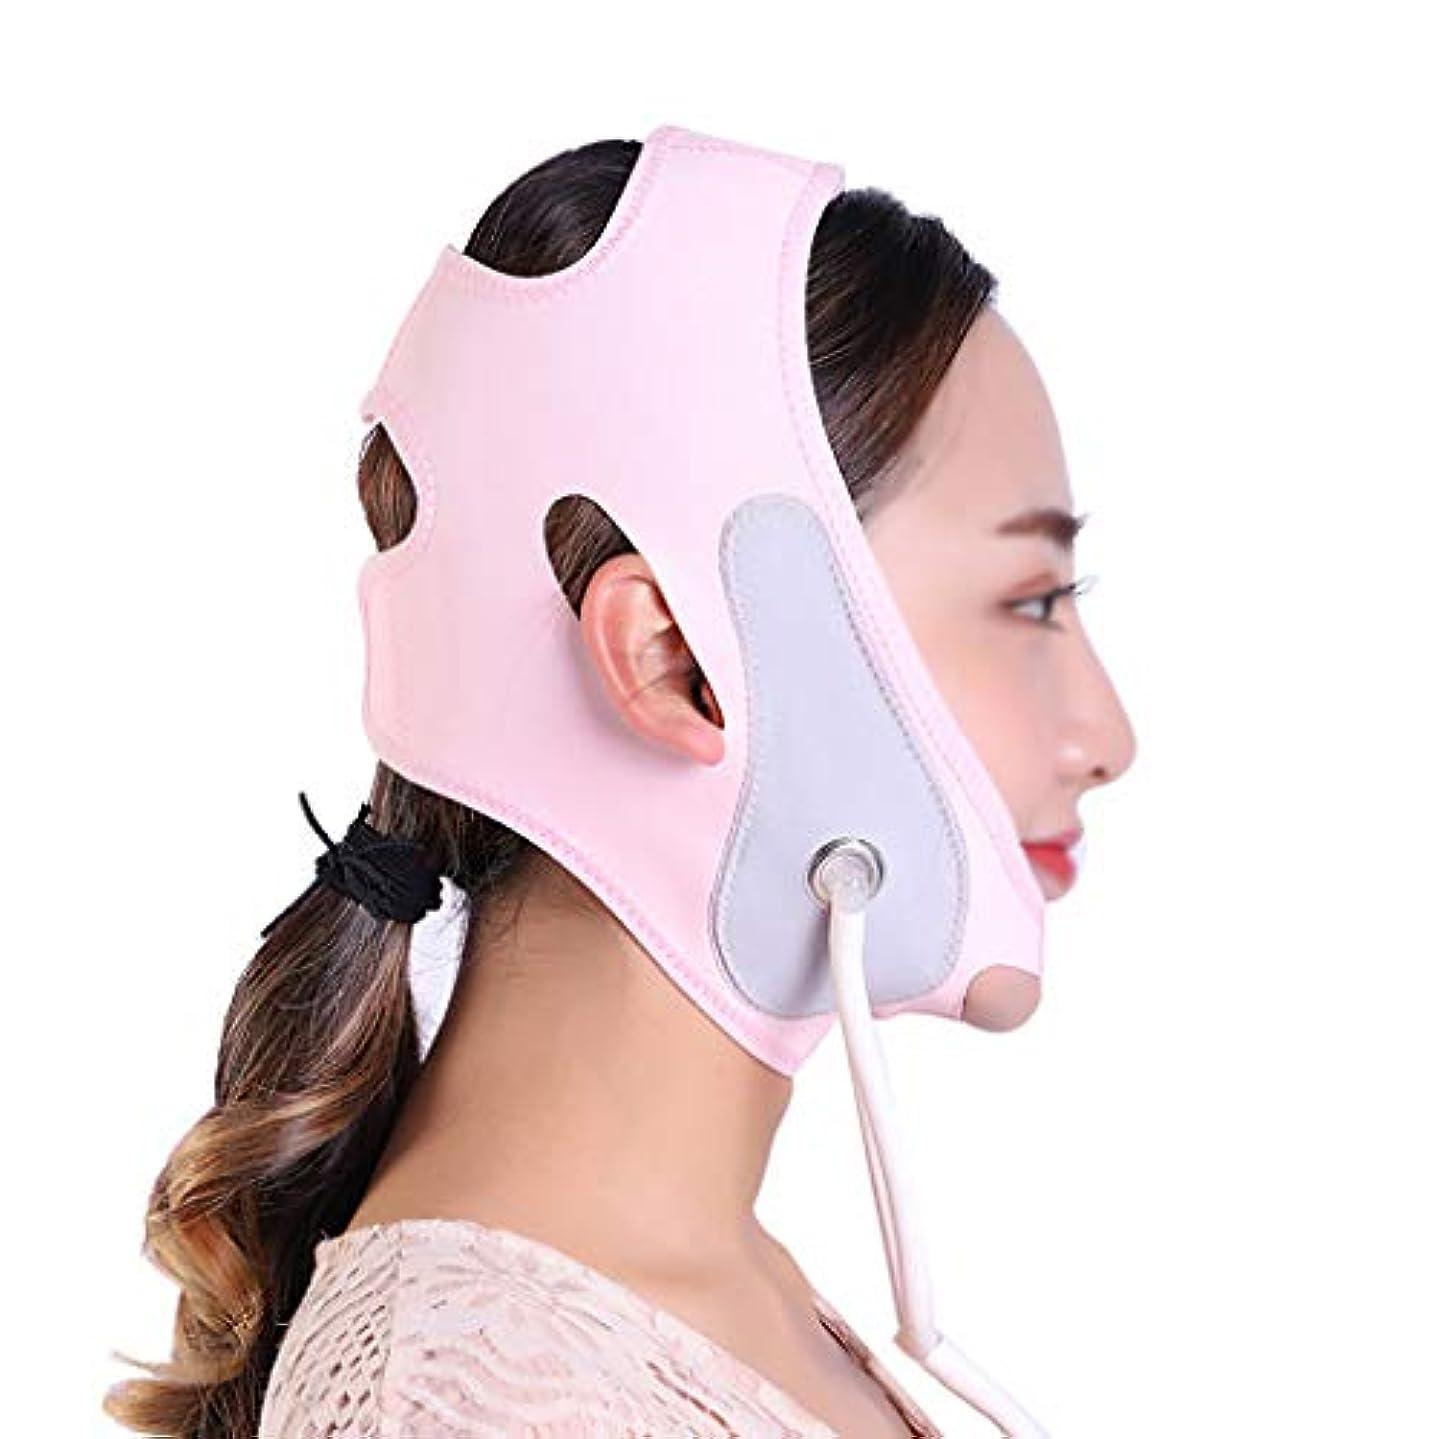 領収書演劇ハリケーン顔と首のリフト後伸縮性のある袖の薄い顔のマスクの引き締めの改善咬筋の伸縮性のある薄い顔の弾性の包帯V顔のアーティファクト